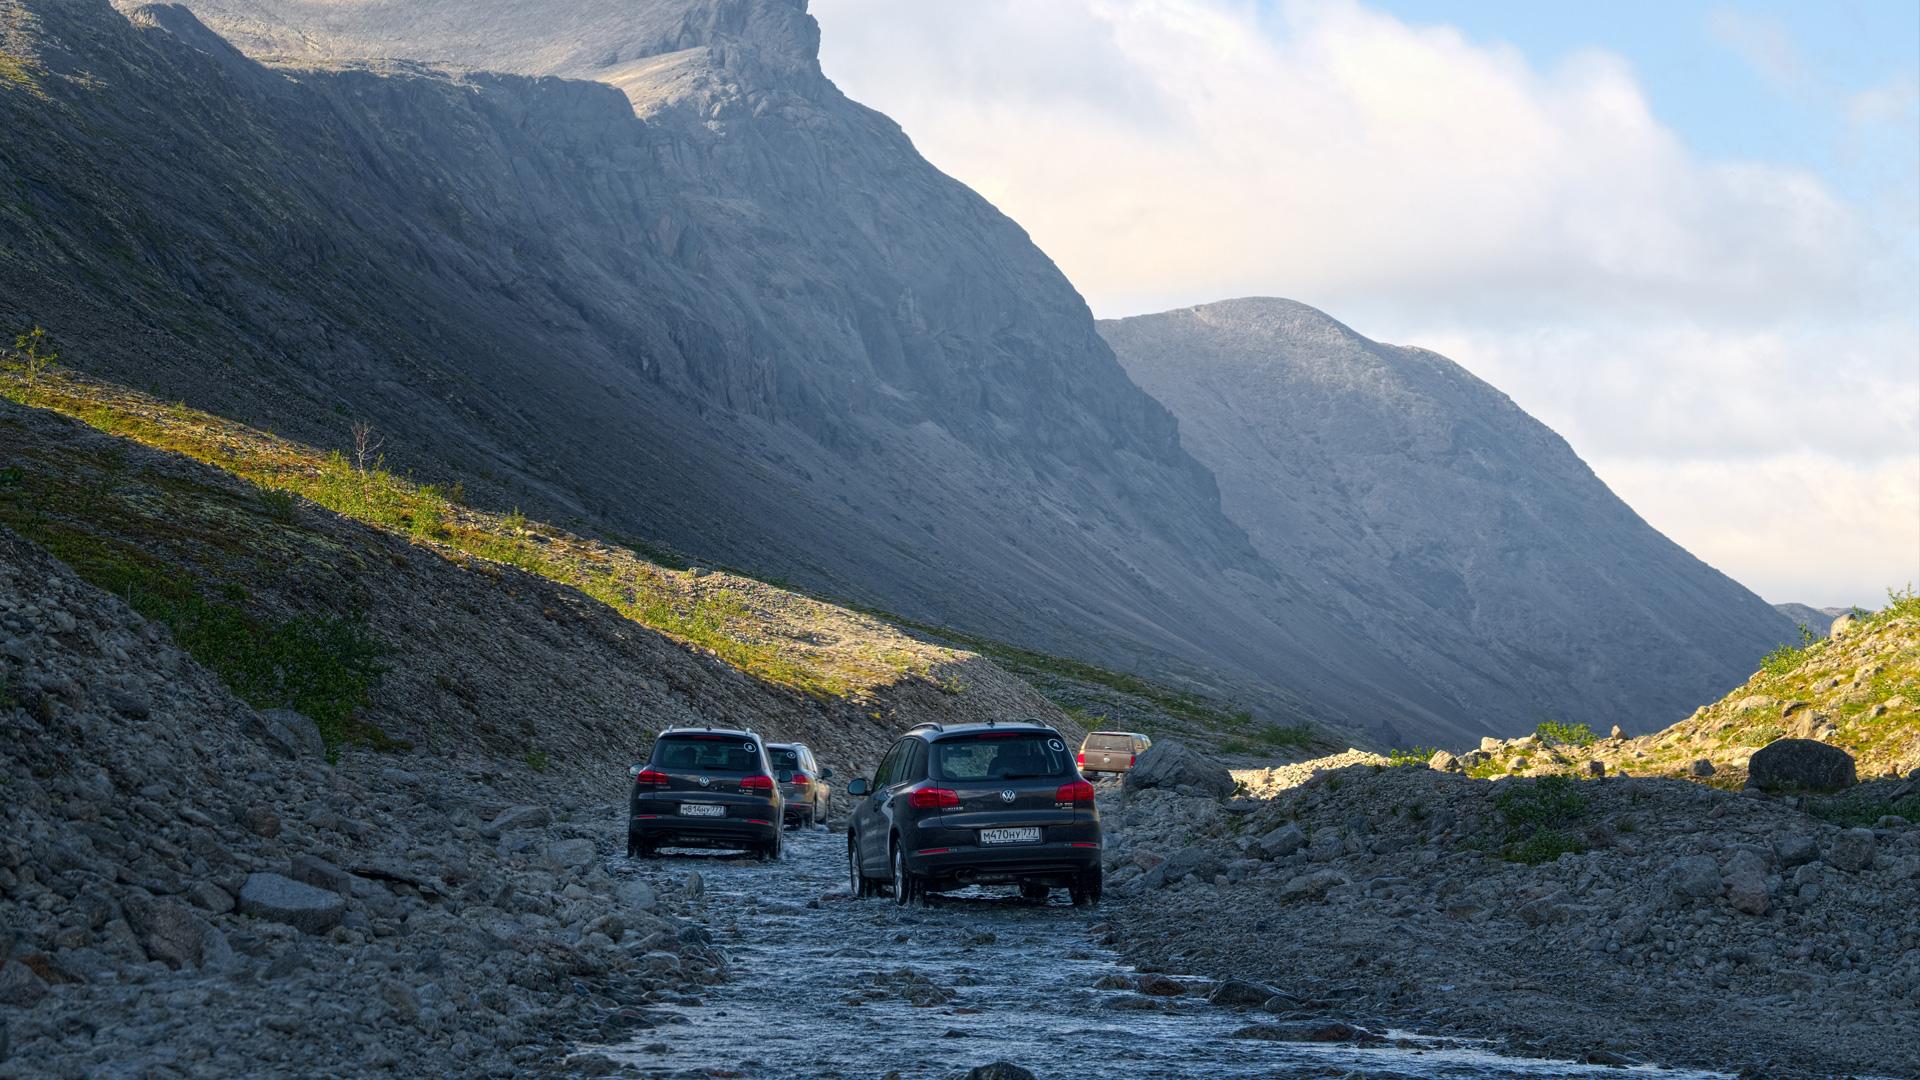 VW Tiguan на Кольском полуострове: Териберка из «Левиафана» и гриб-майор из ФСБ. Фото 18